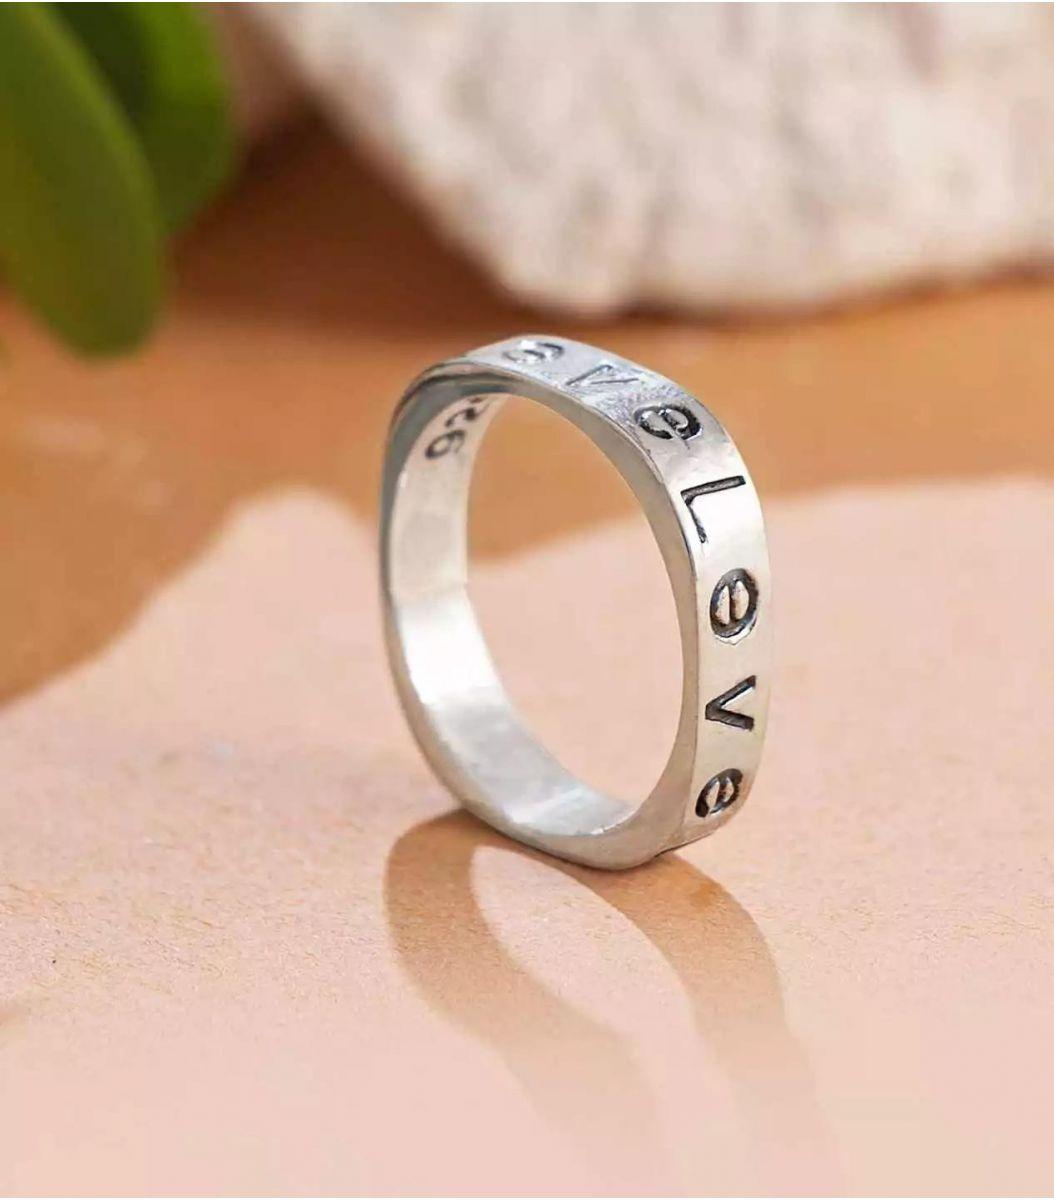 Silver Thumb Ring FJ1667895